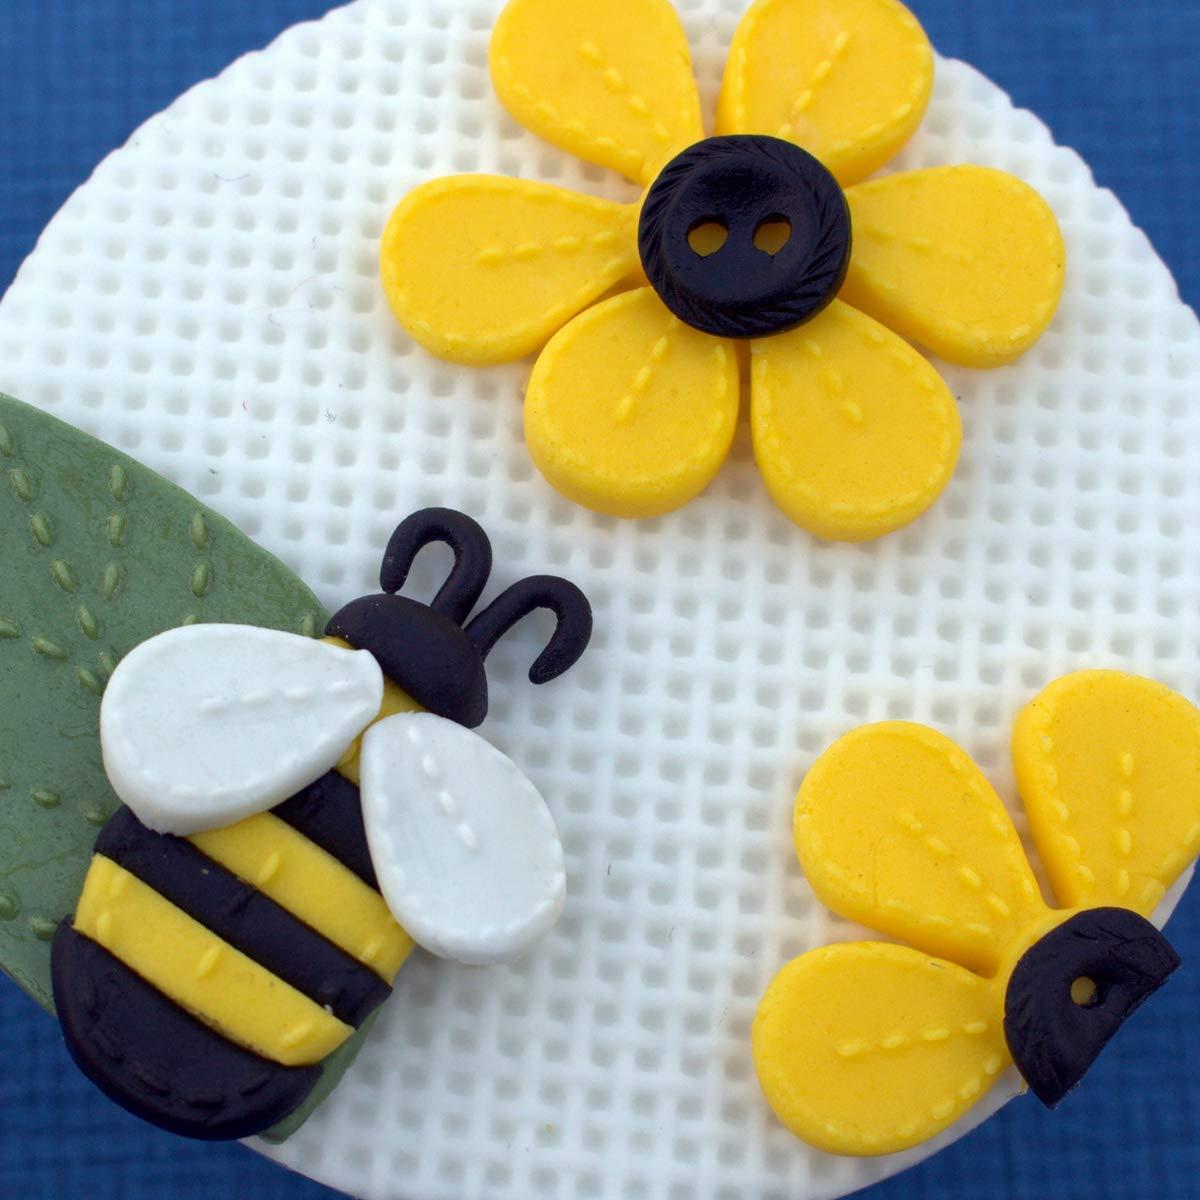 Katy Sue Designs DM0042 - Molde de silicona para decoración de tartas, manualidades, cupcakes, azúcar, galletas, caramelos, tarjetas y arcilla, aprobado para alimentos, fabricado en el Reino Unido: Amazon.es: Hogar